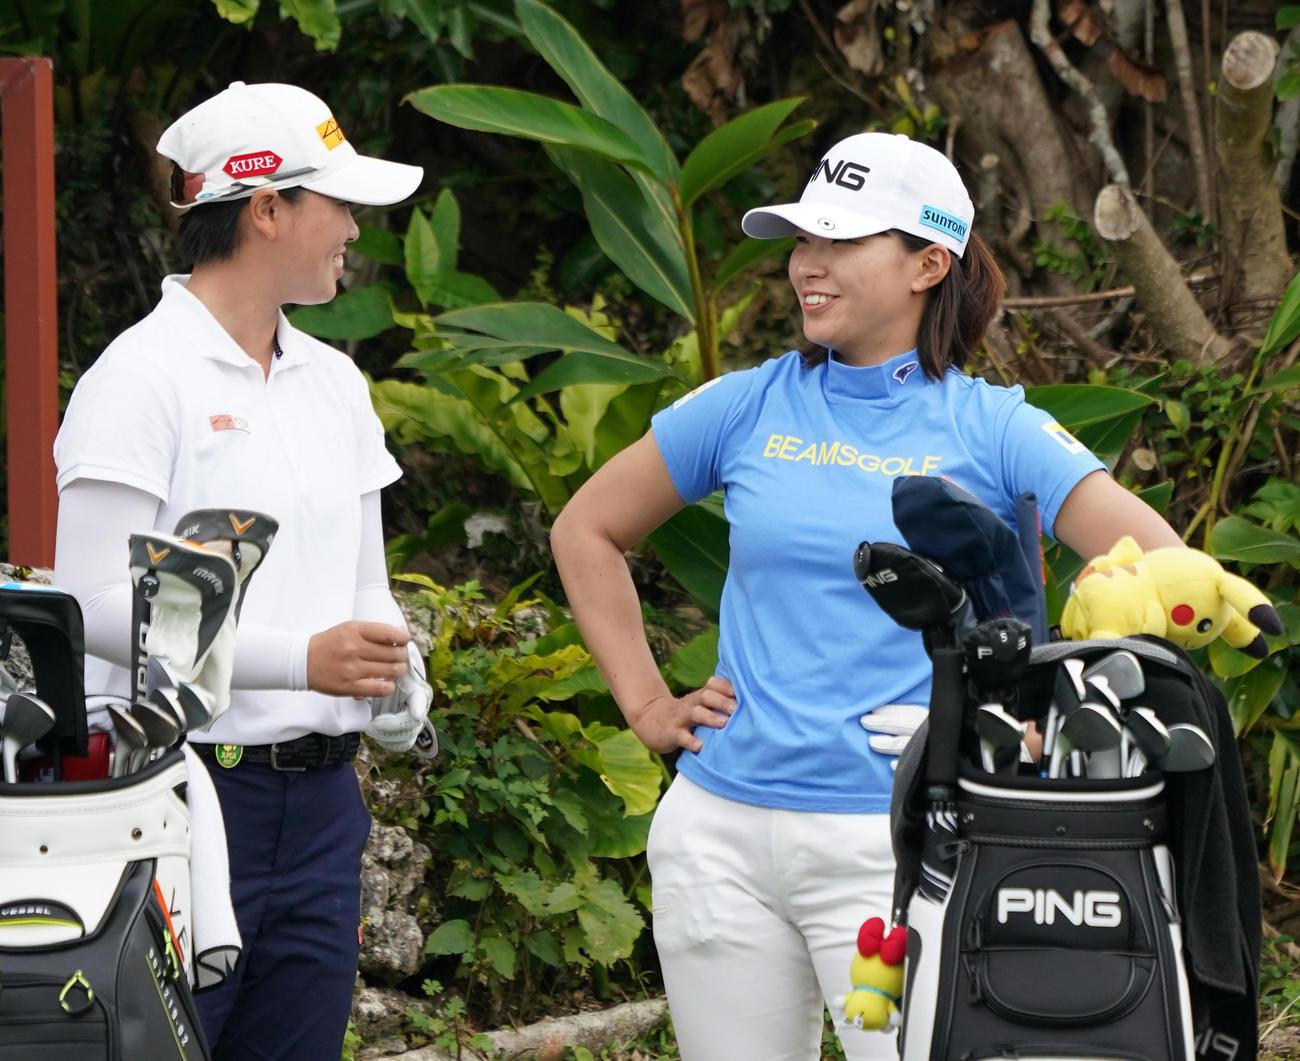 第34回ダイキンオーキッドレディスゴルフトーナメント第1日 11番、ティーグラウンドで話す笹生優花(左)と渋野日向子(撮影・清水貴仁)